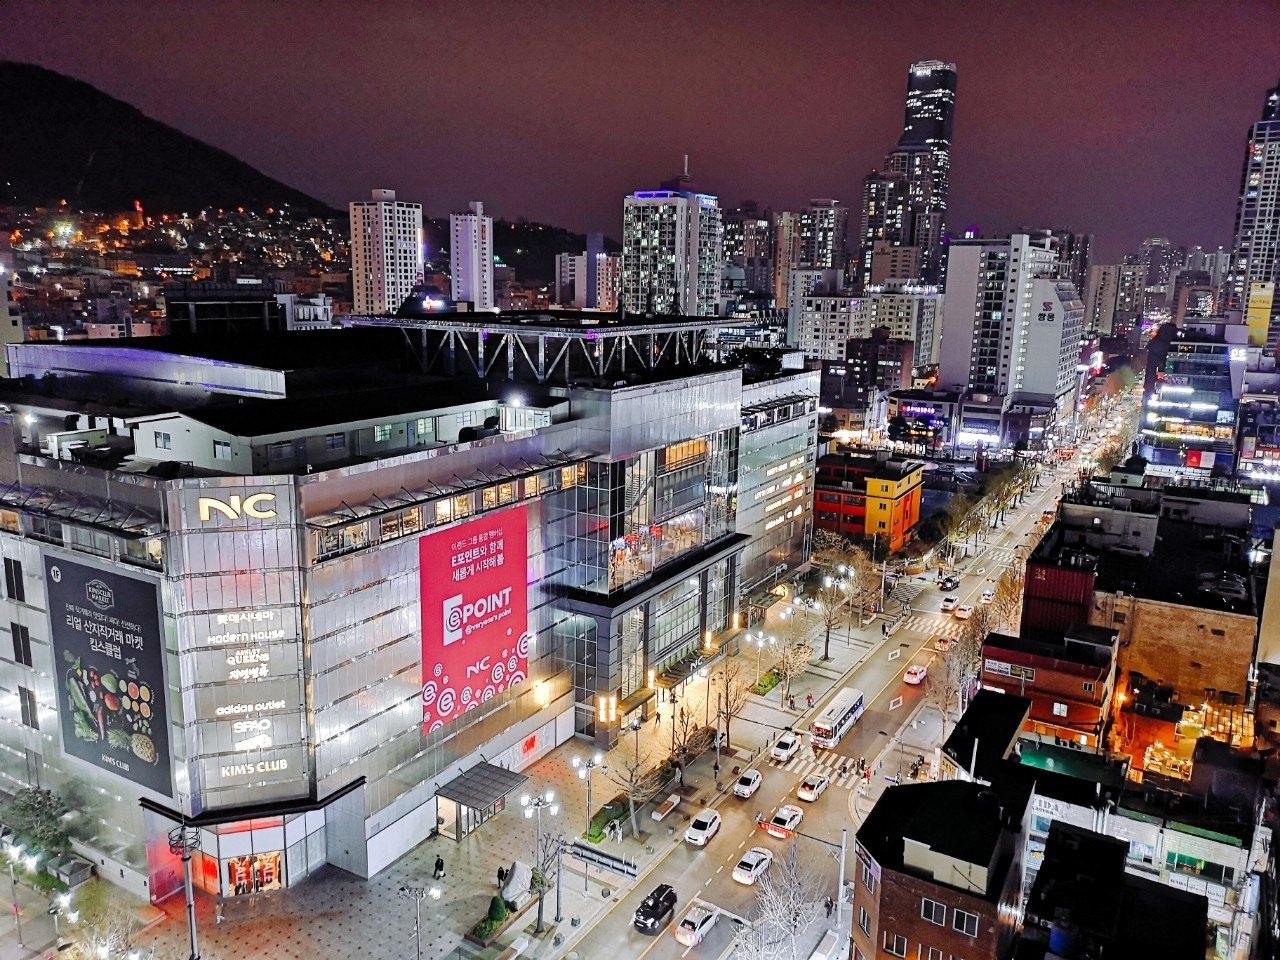 釜山住宿推薦,西面站住宿,韓國住宿,近地鐵,逛街方便,釜山自由行,西面逛街,airbnb,韓國日租套房,酒店公寓,瑪熙的家